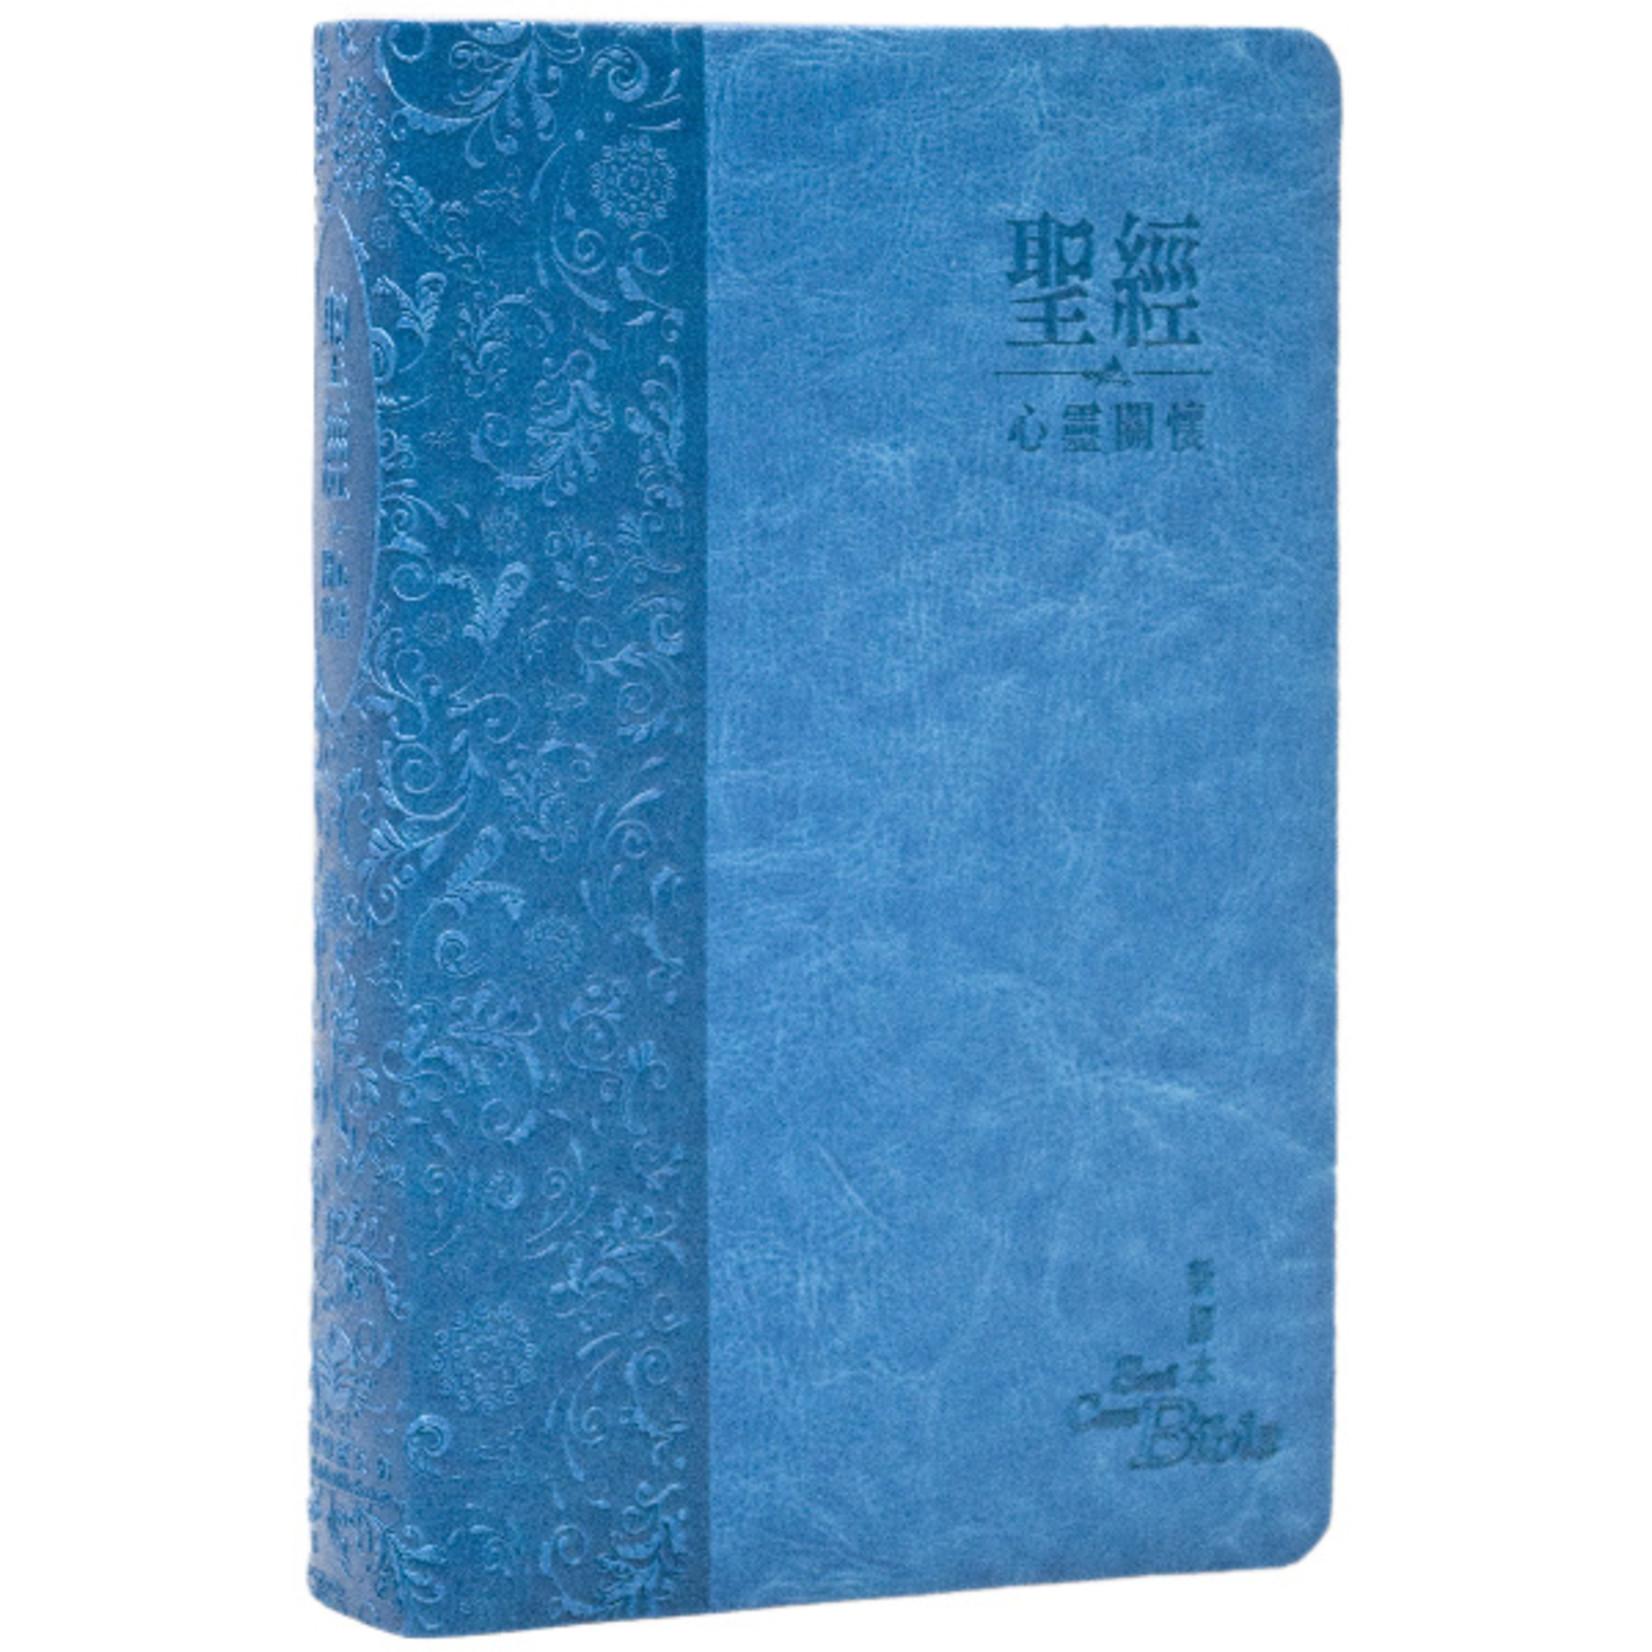 環球聖經公會 The Worldwide Bible Society 心靈關懷聖經:新譯本.標準裝.藍色儷皮銀邊.繁體 CNV Soul Care Bible Trad. , Standard, Blue Poly U Cover, Silver Edge